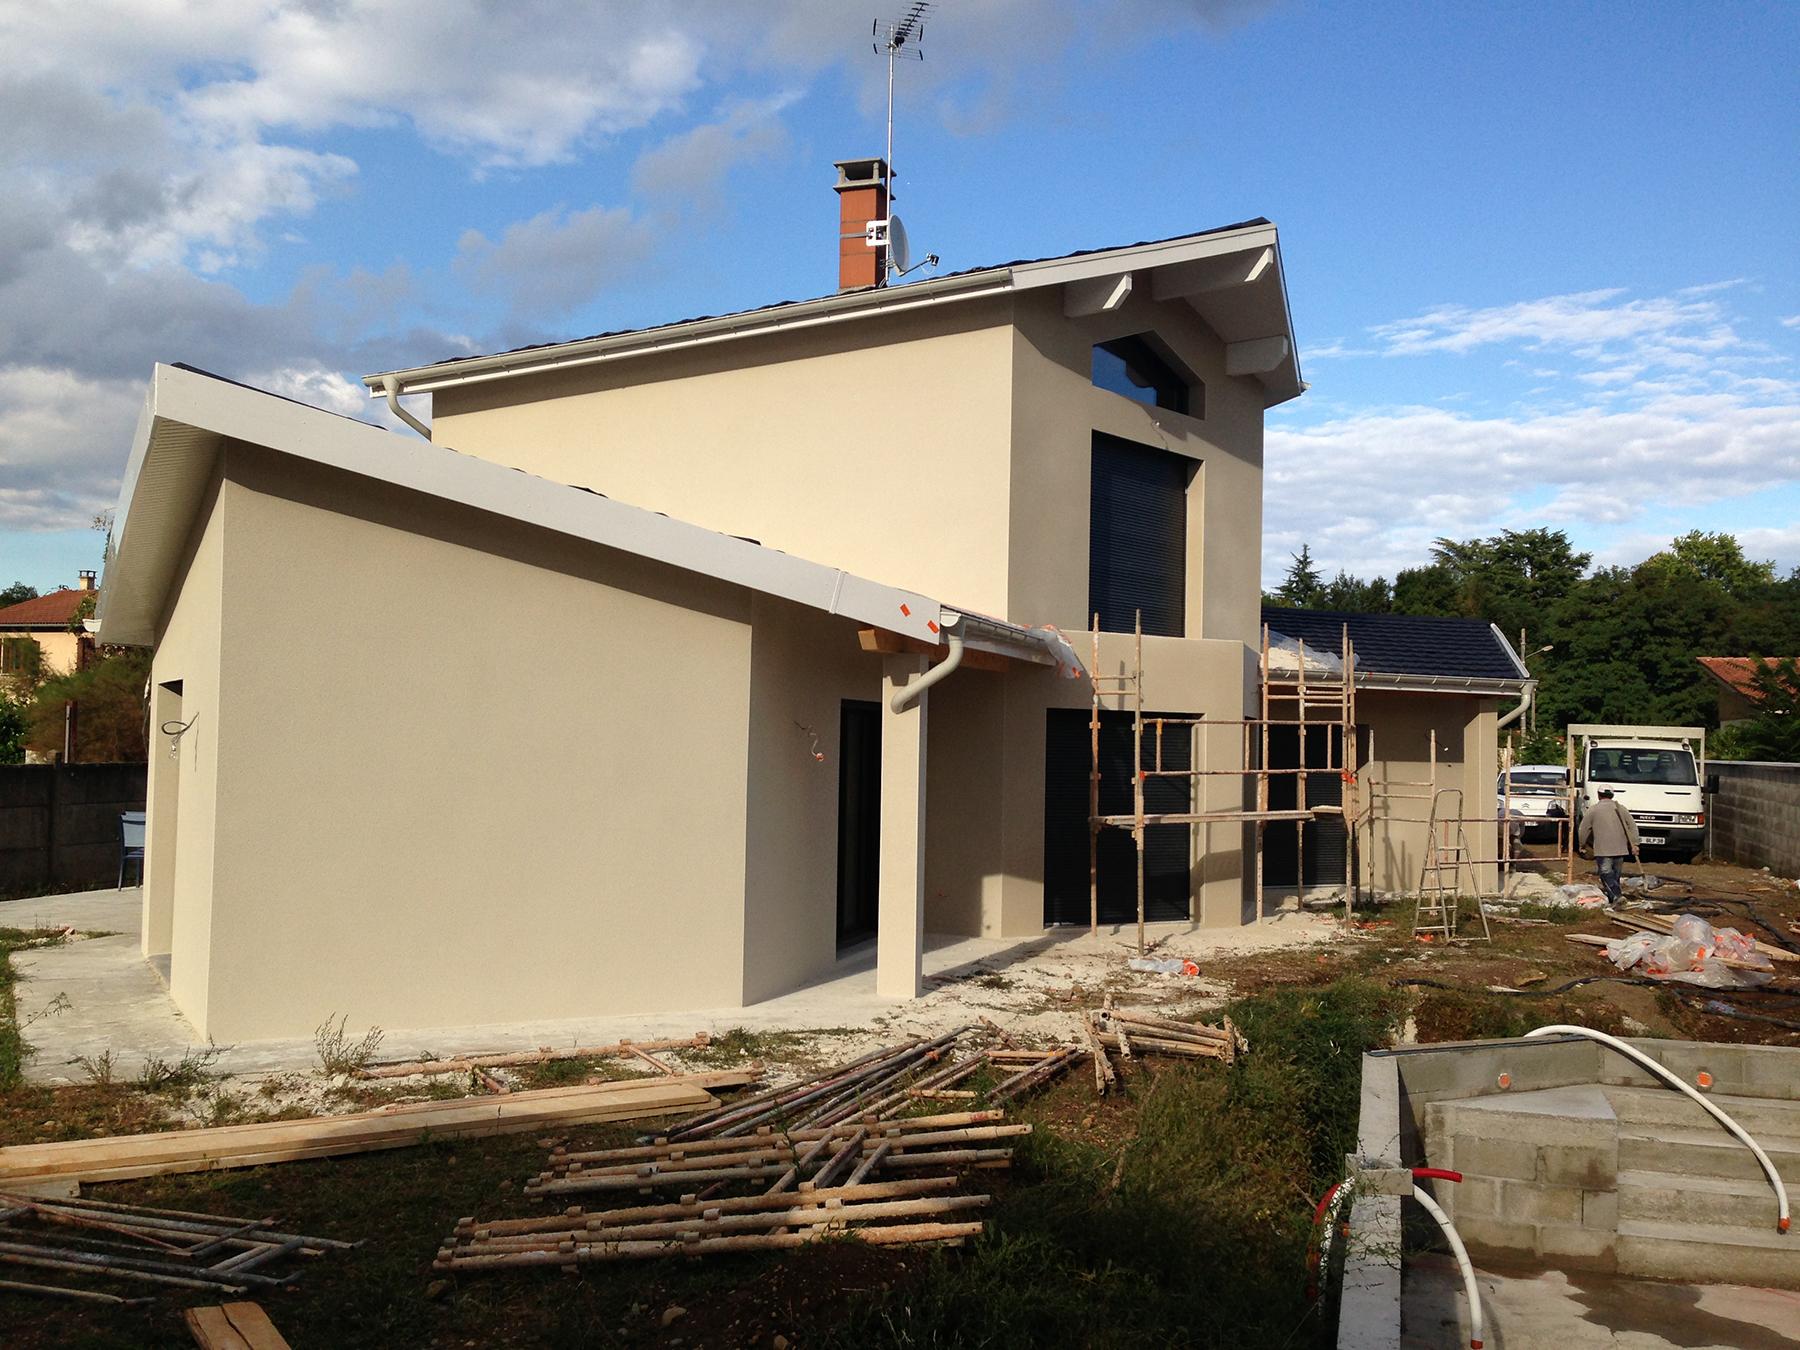 Construire sa maison les pieges a eviter maison moderne for Construire sa maison contemporaine